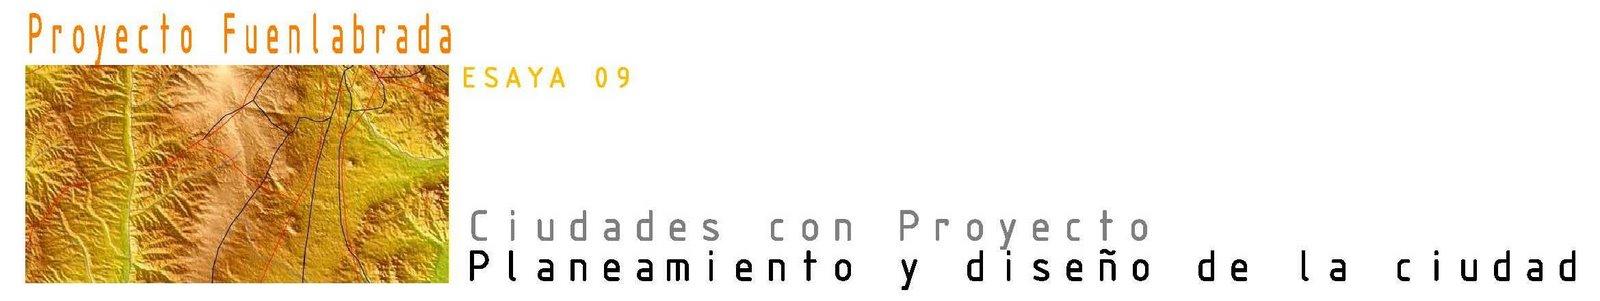 Ciudades con Proyecto: FUENLABRADA